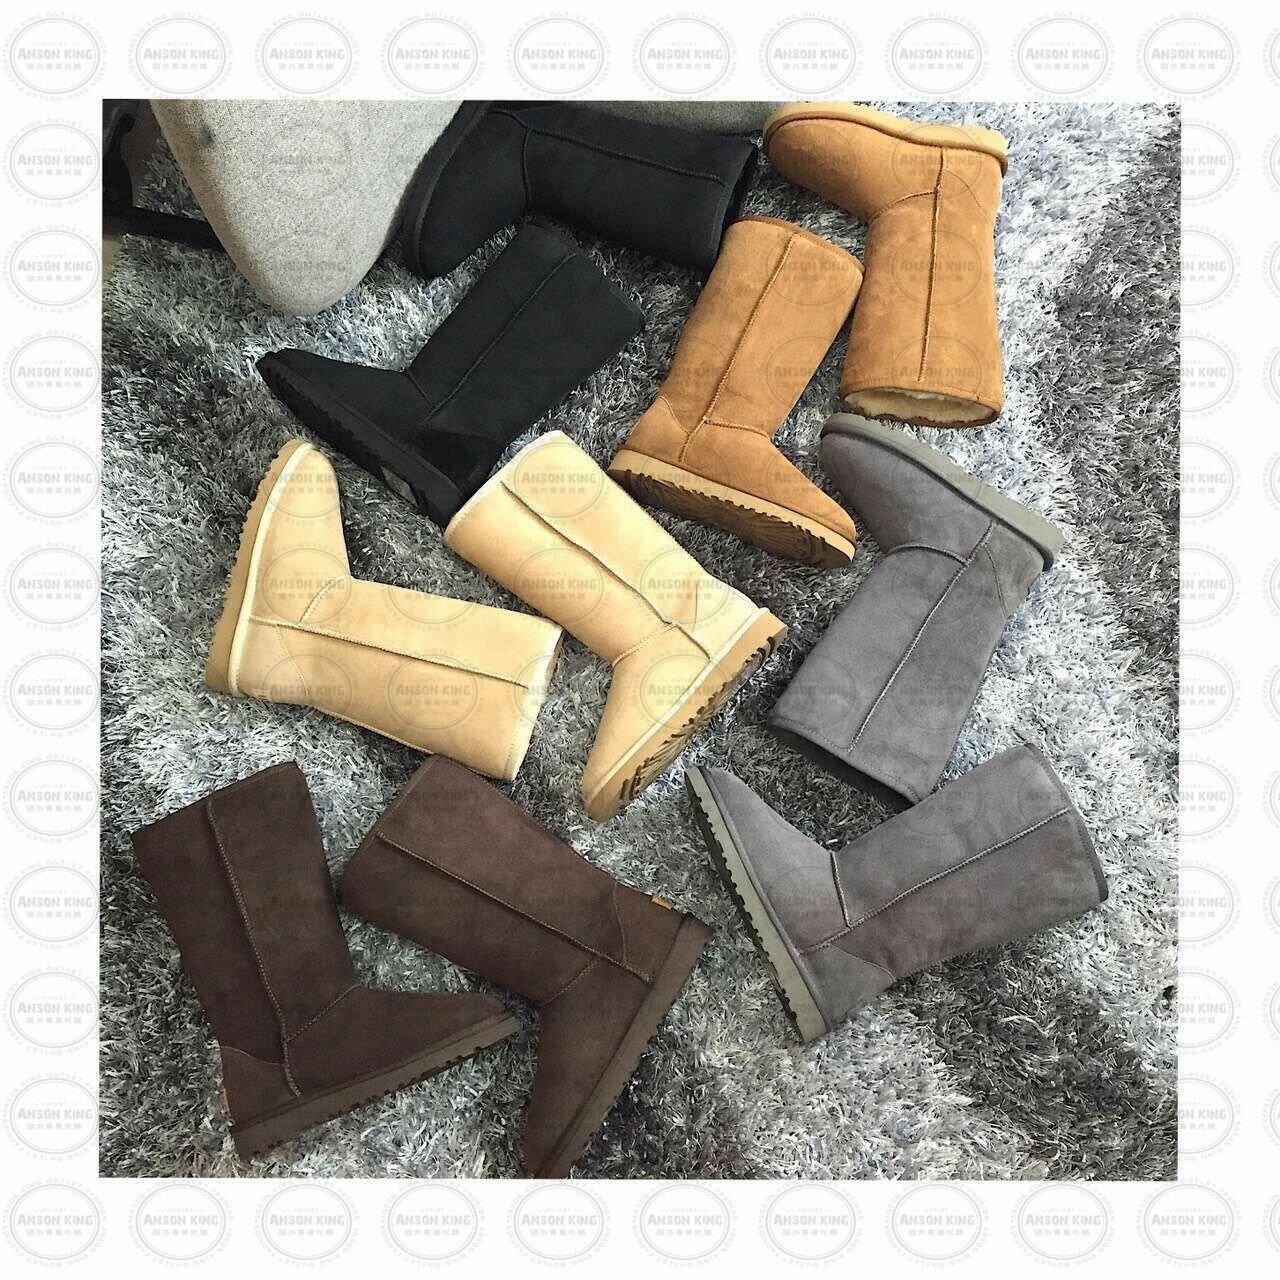 OUTLET正品代購 澳洲 UGG 經典女款羊皮毛一體雪靴 中長靴 保暖 真皮羊皮毛 雪靴 短靴 灰色 2